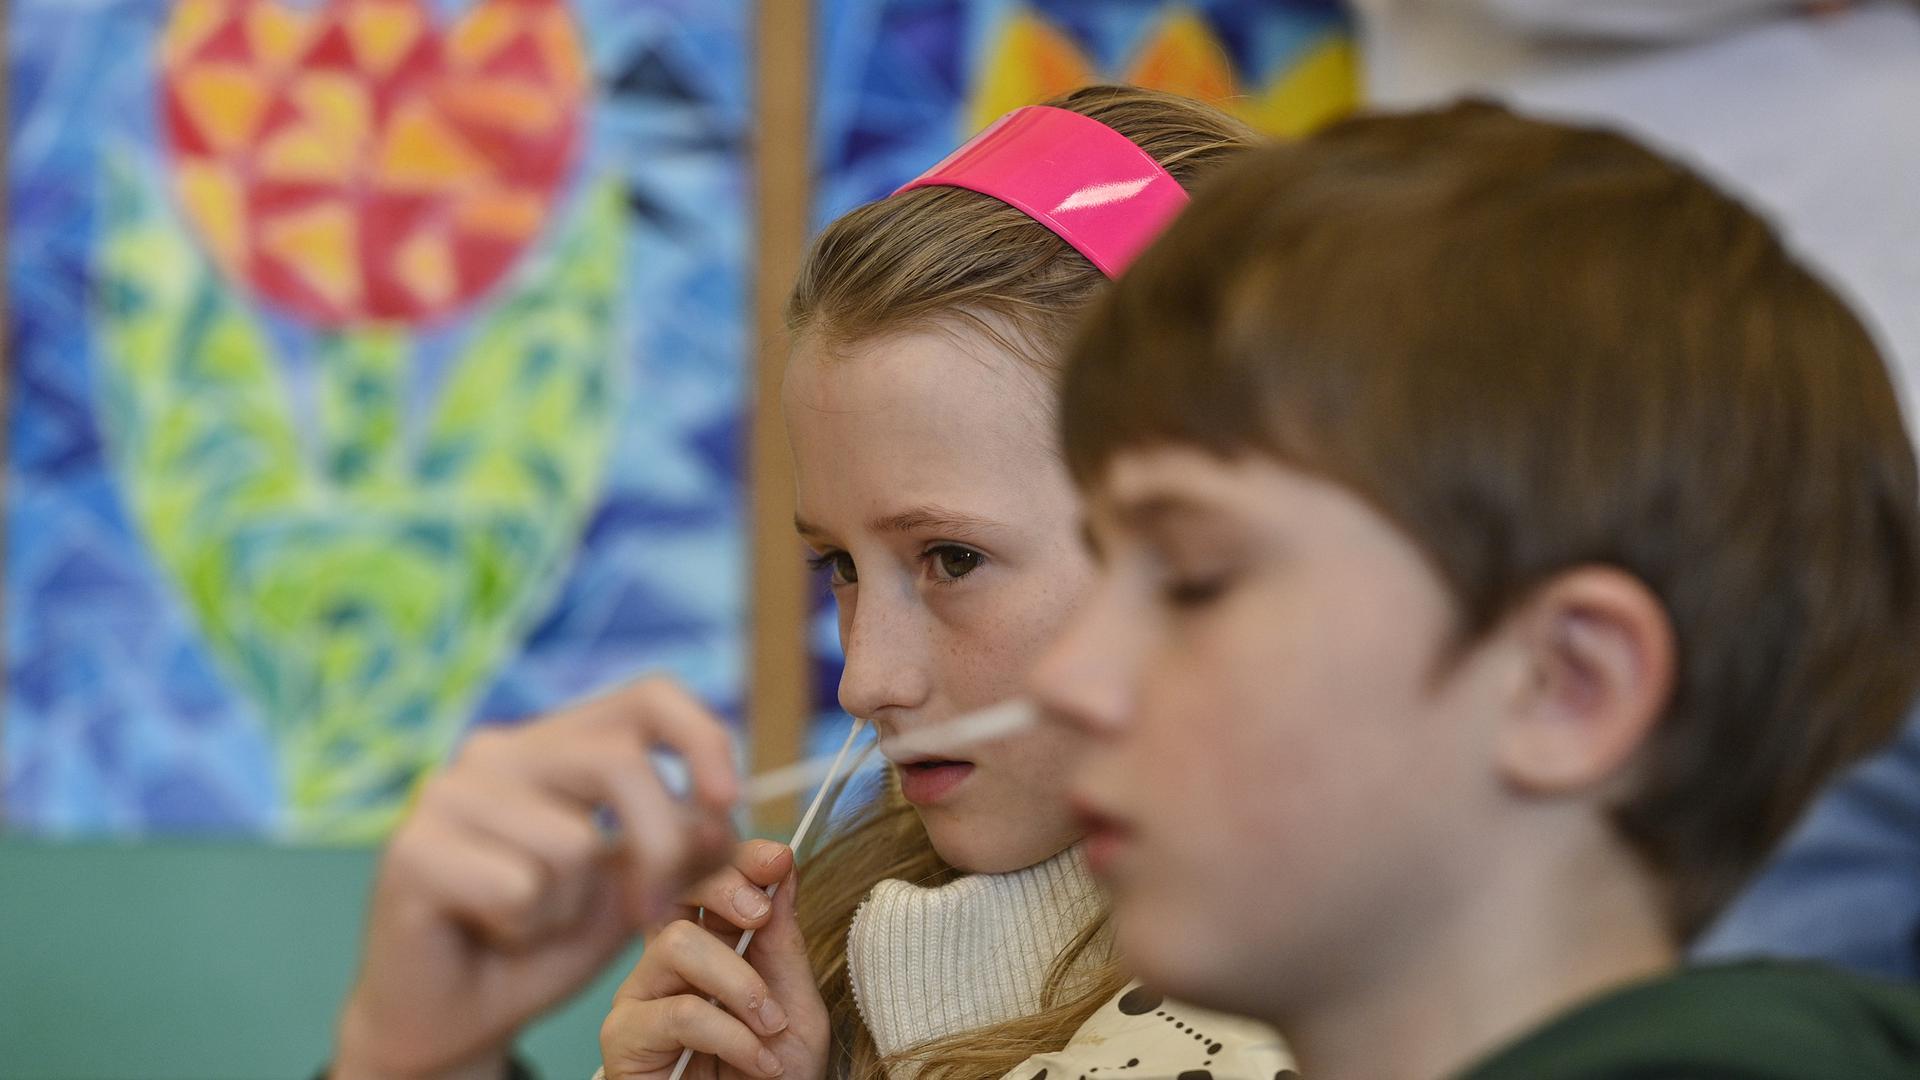 Noch keinen positiven Corona-Test gab es seit Beginn des Schuljahrs an der Adam-Remmele-Schule in Karlsruhe-Daxlanden. (Symbolfoto)